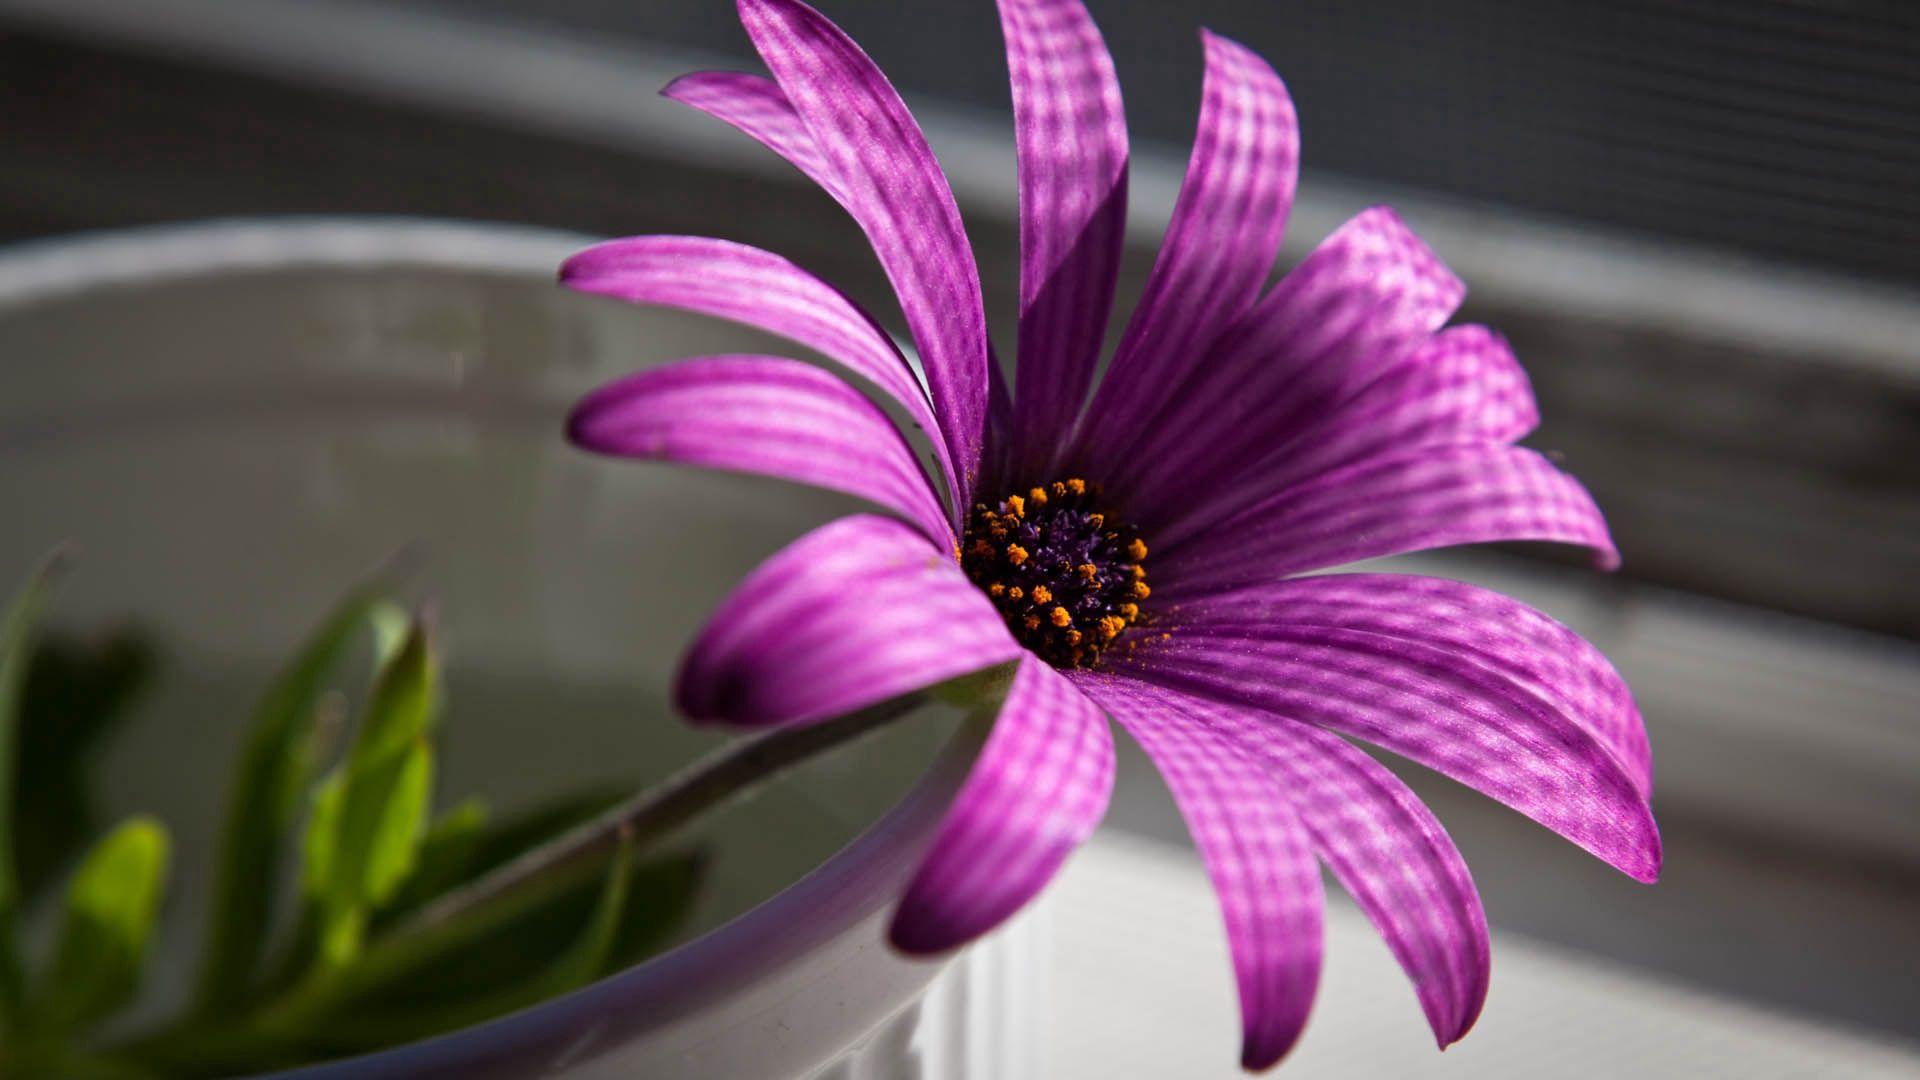 116136 скачать обои Цветы, Цветок, Лепестки, Фиолетовый - заставки и картинки бесплатно